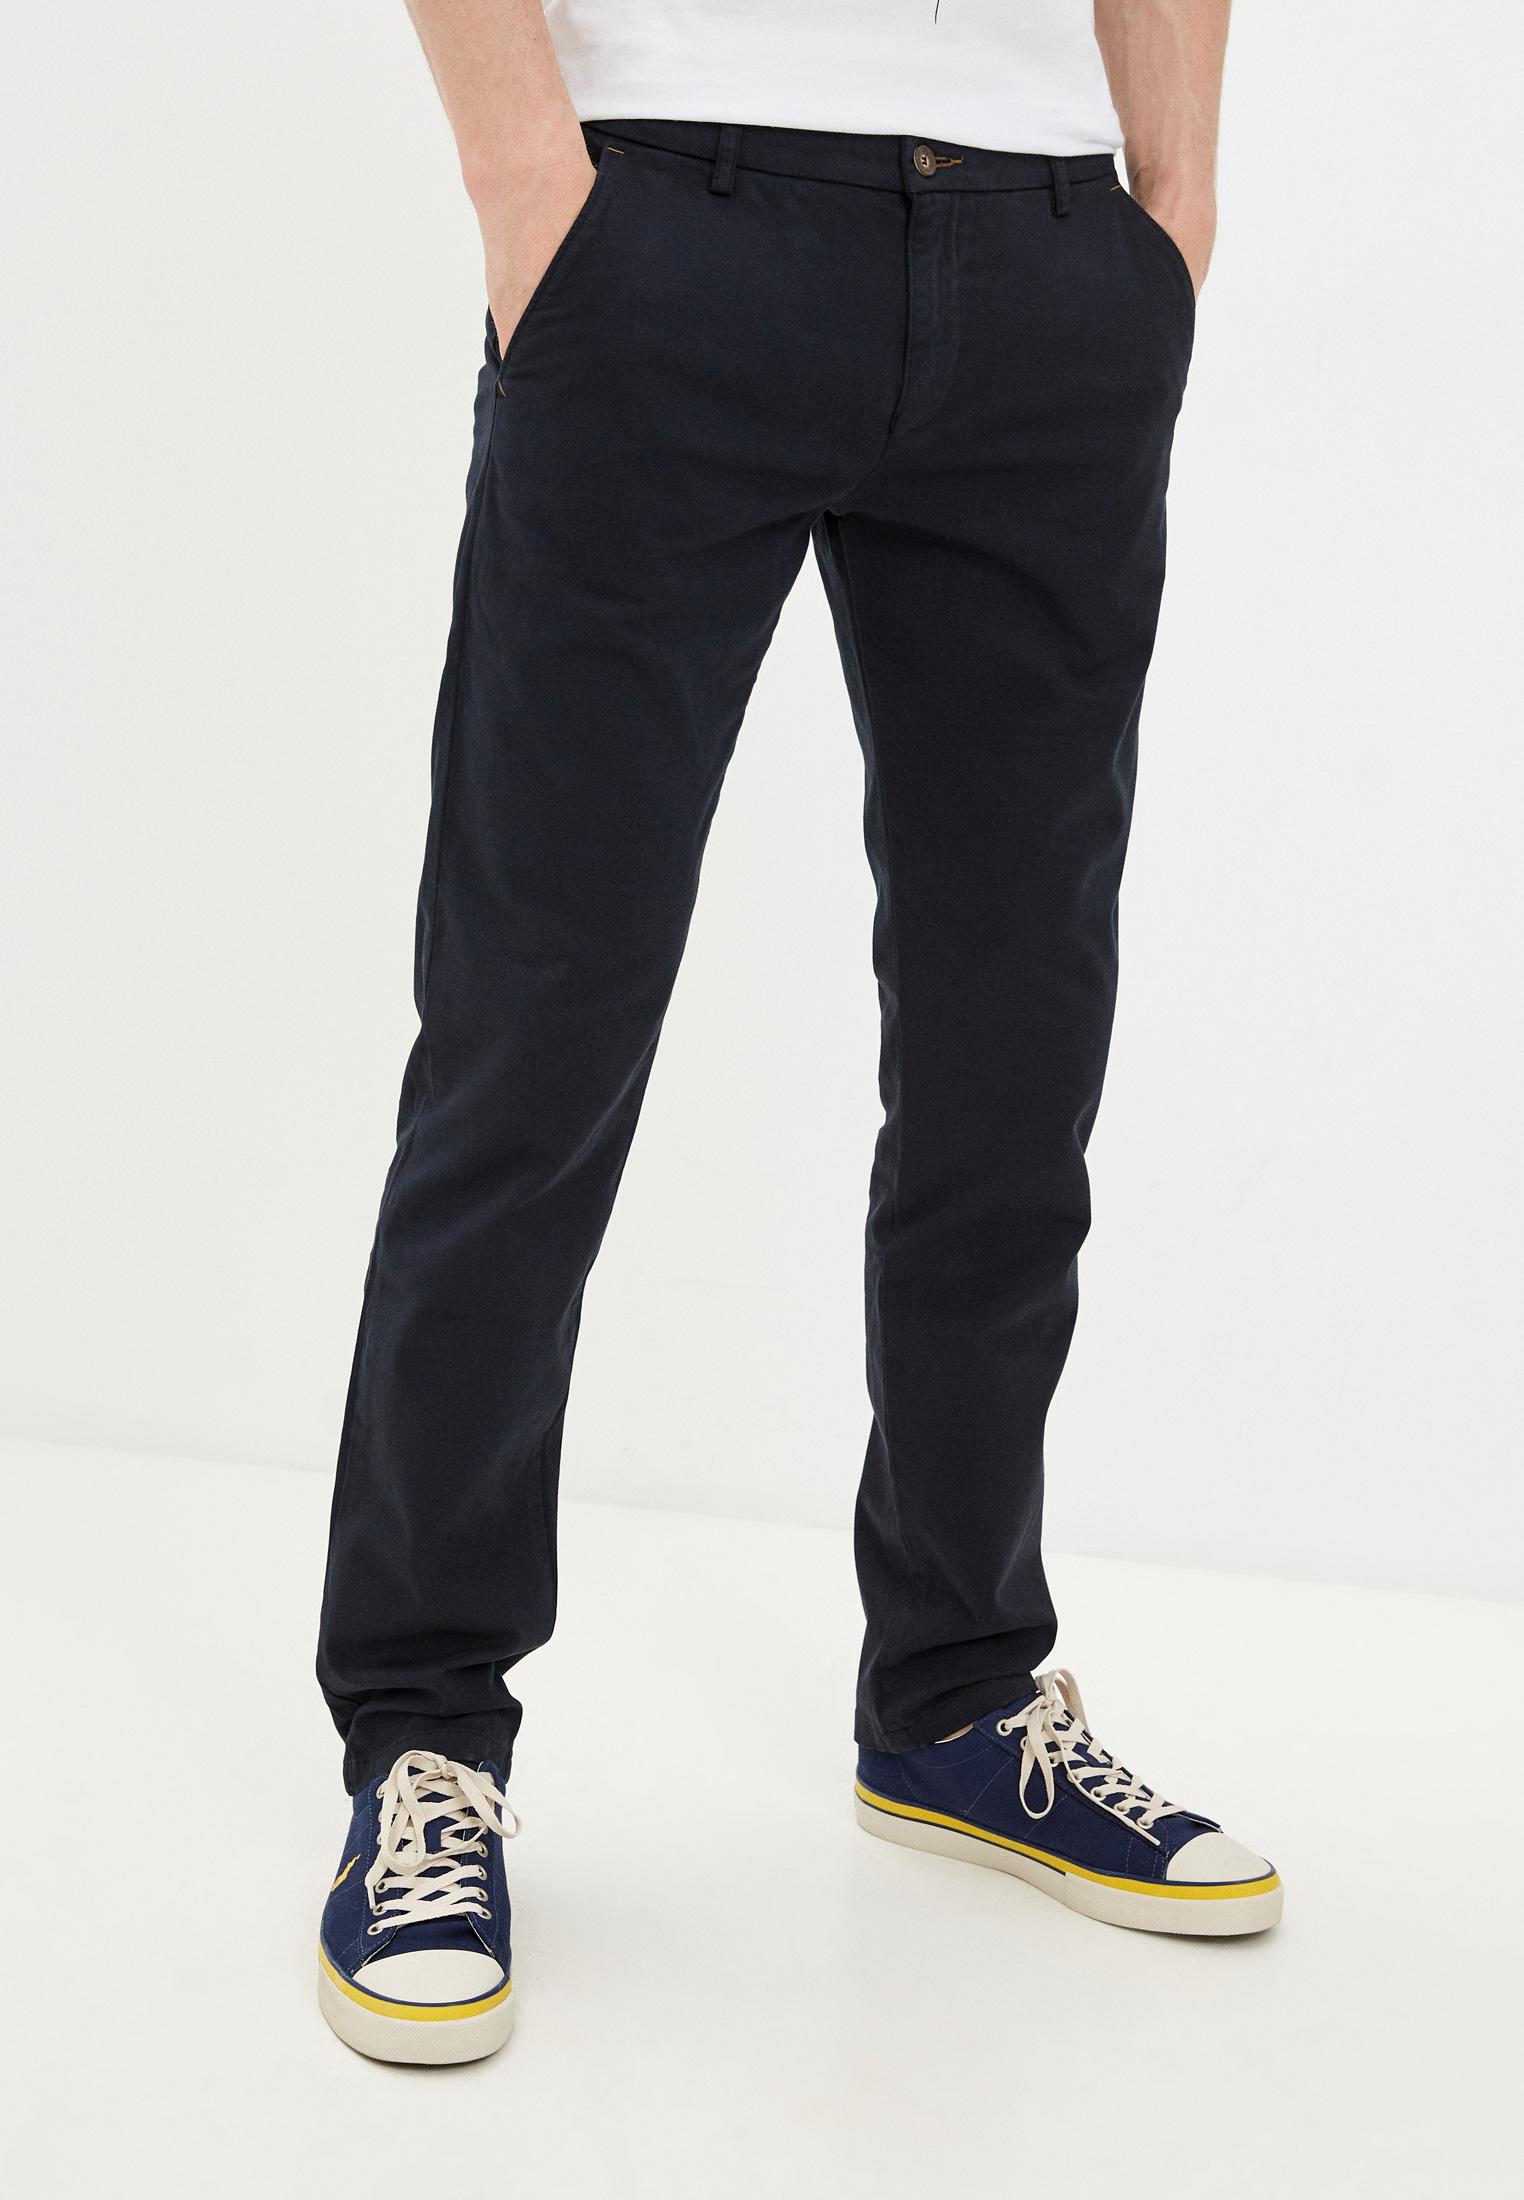 Мужские повседневные брюки Roberto Cavalli (Роберто Кавалли) HST200A600